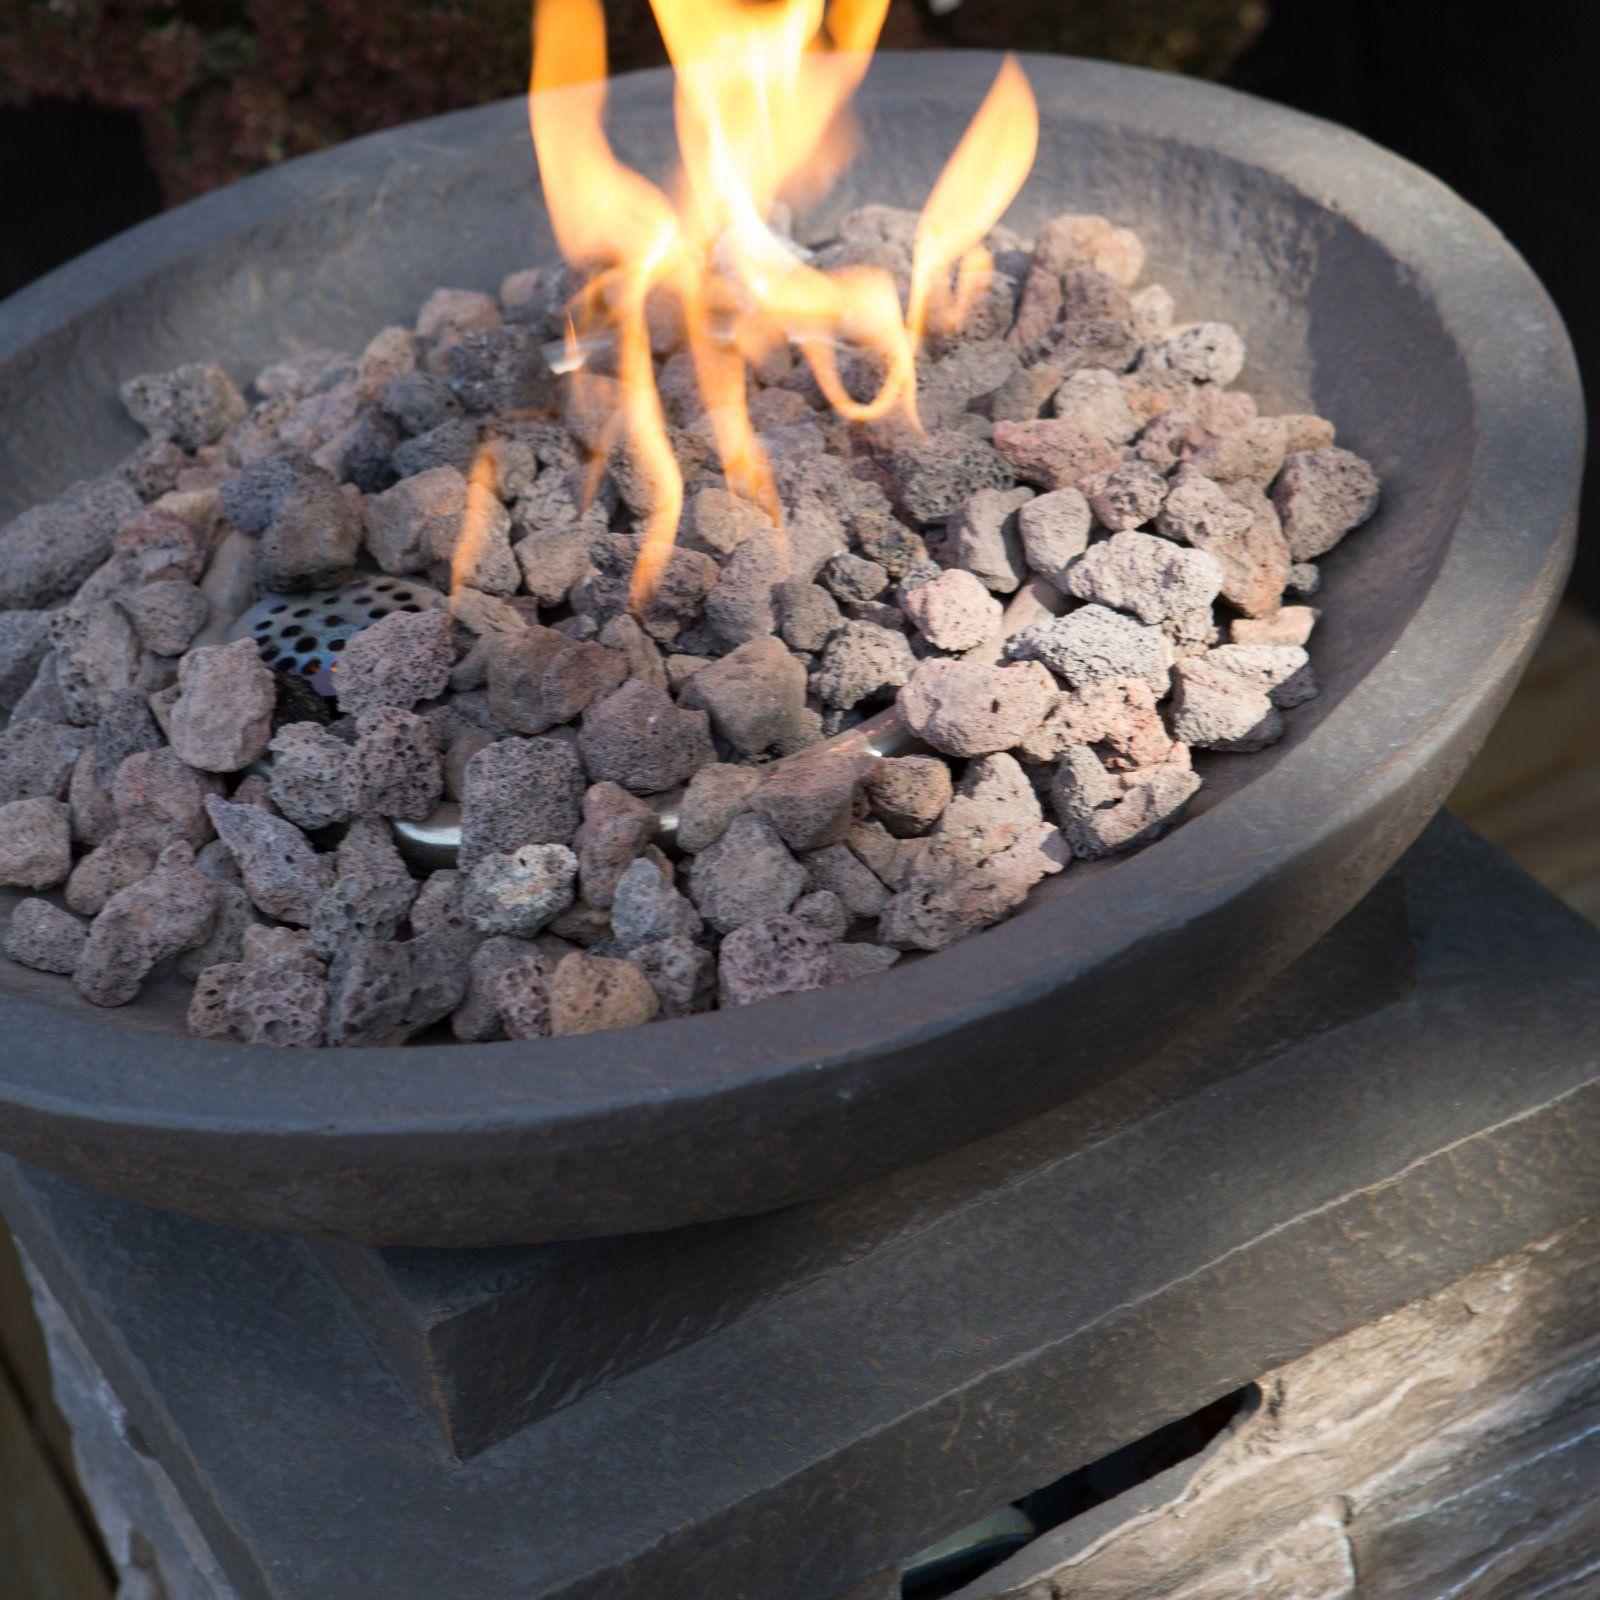 Belham Living Coronado Propane Fire Bowl With Free Cover Walmart Com Walmart Com Fire Bowls Propane Fire Bowl Fire Pit